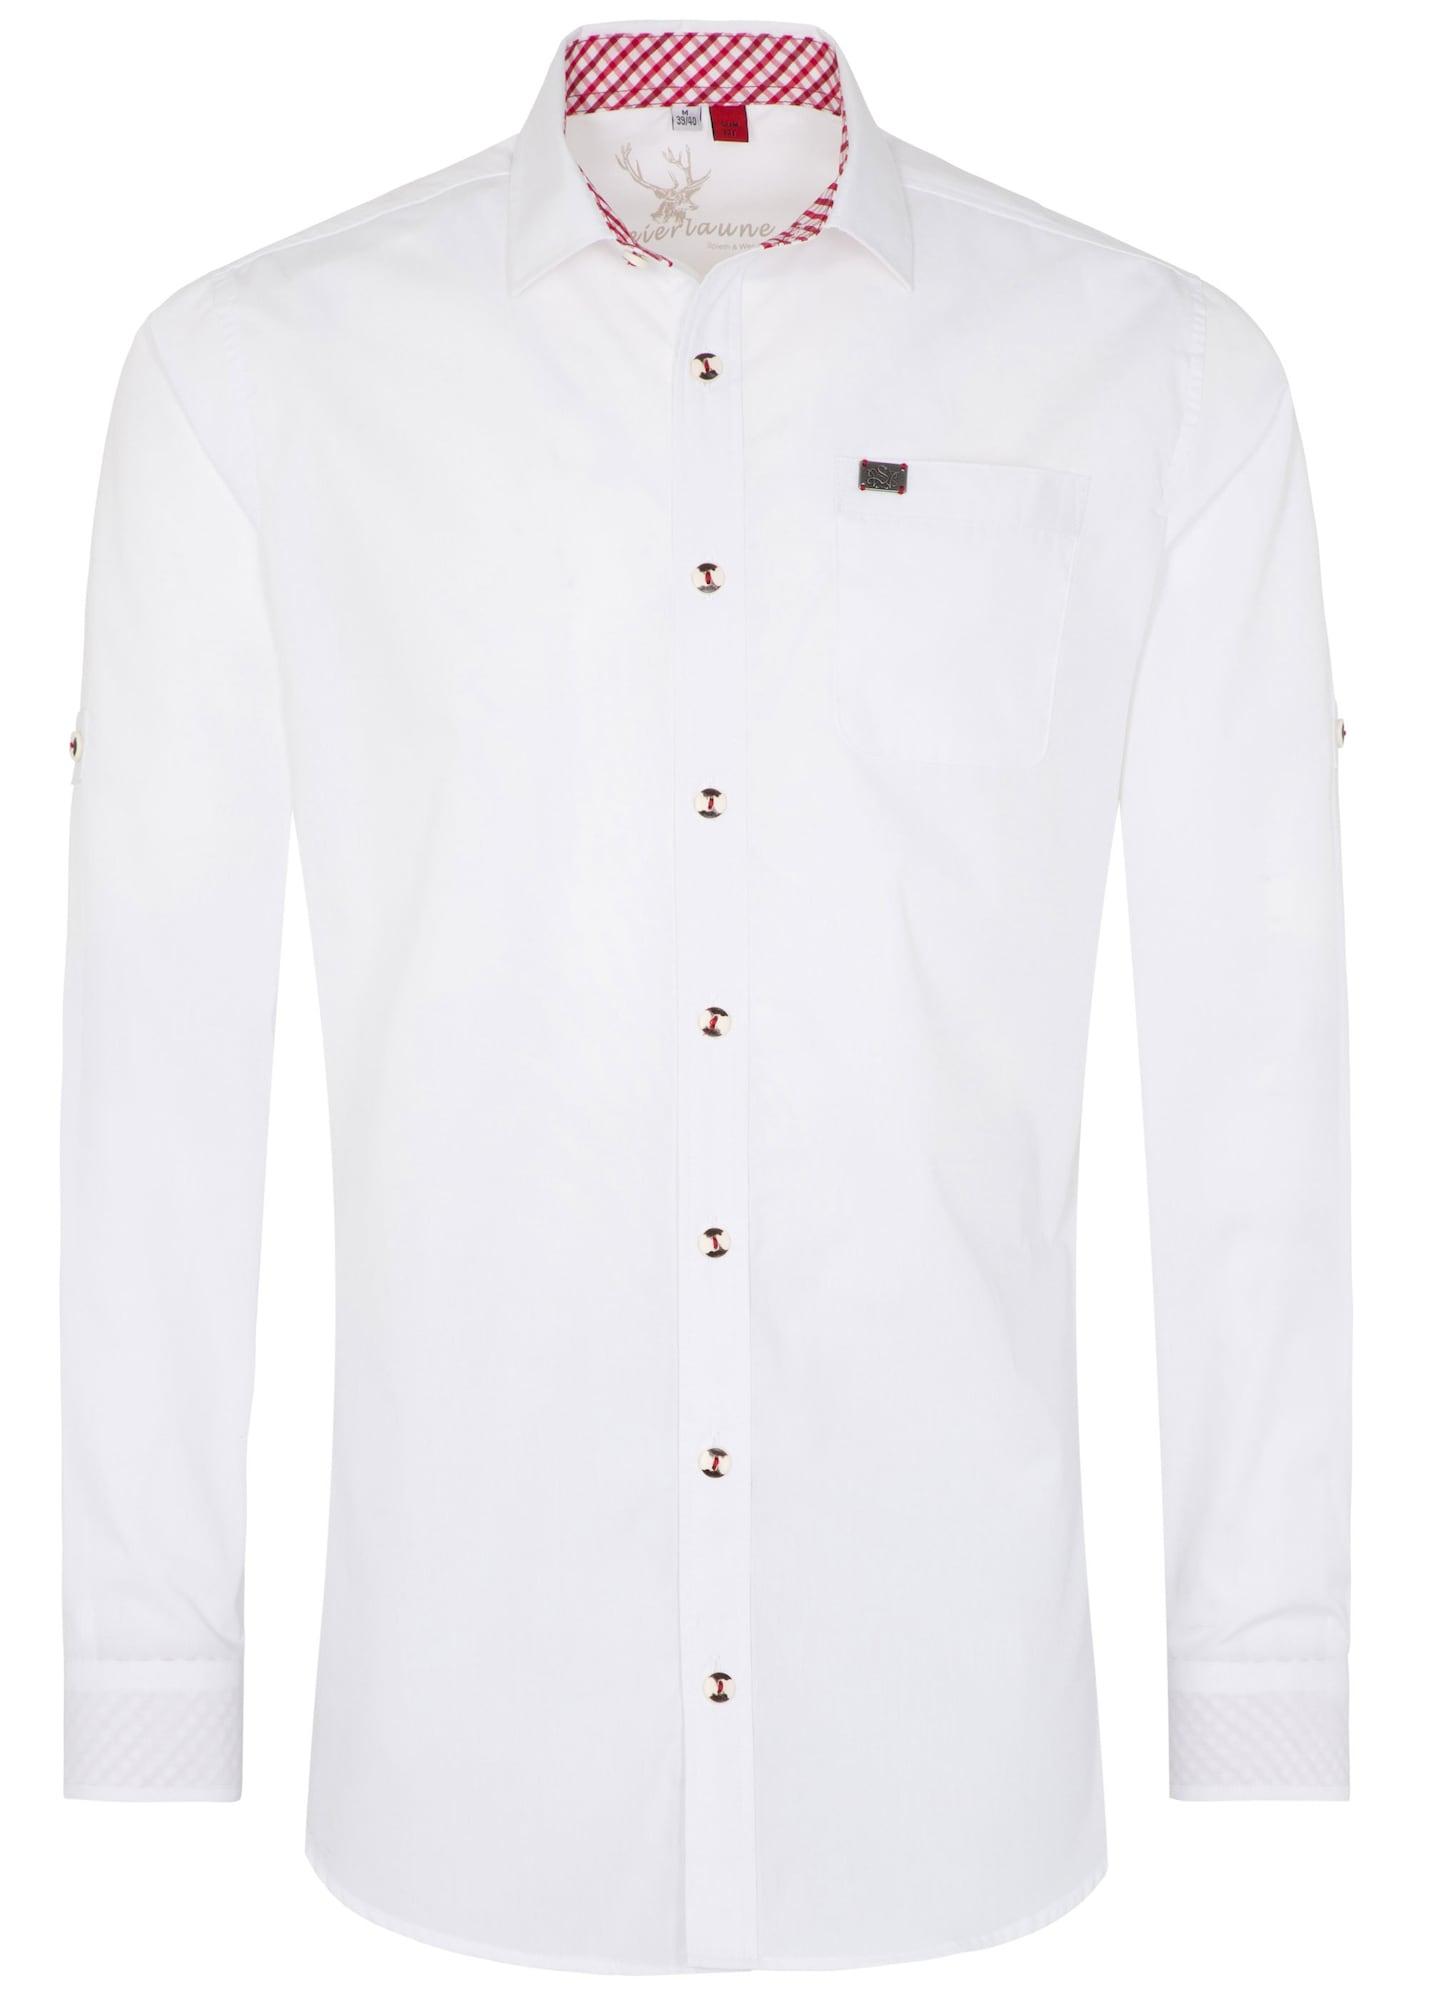 Trachtenhemd 'Kessel'   Bekleidung > Hemden > Trachtenhemden   Weiß   SPIETH & WENSKY